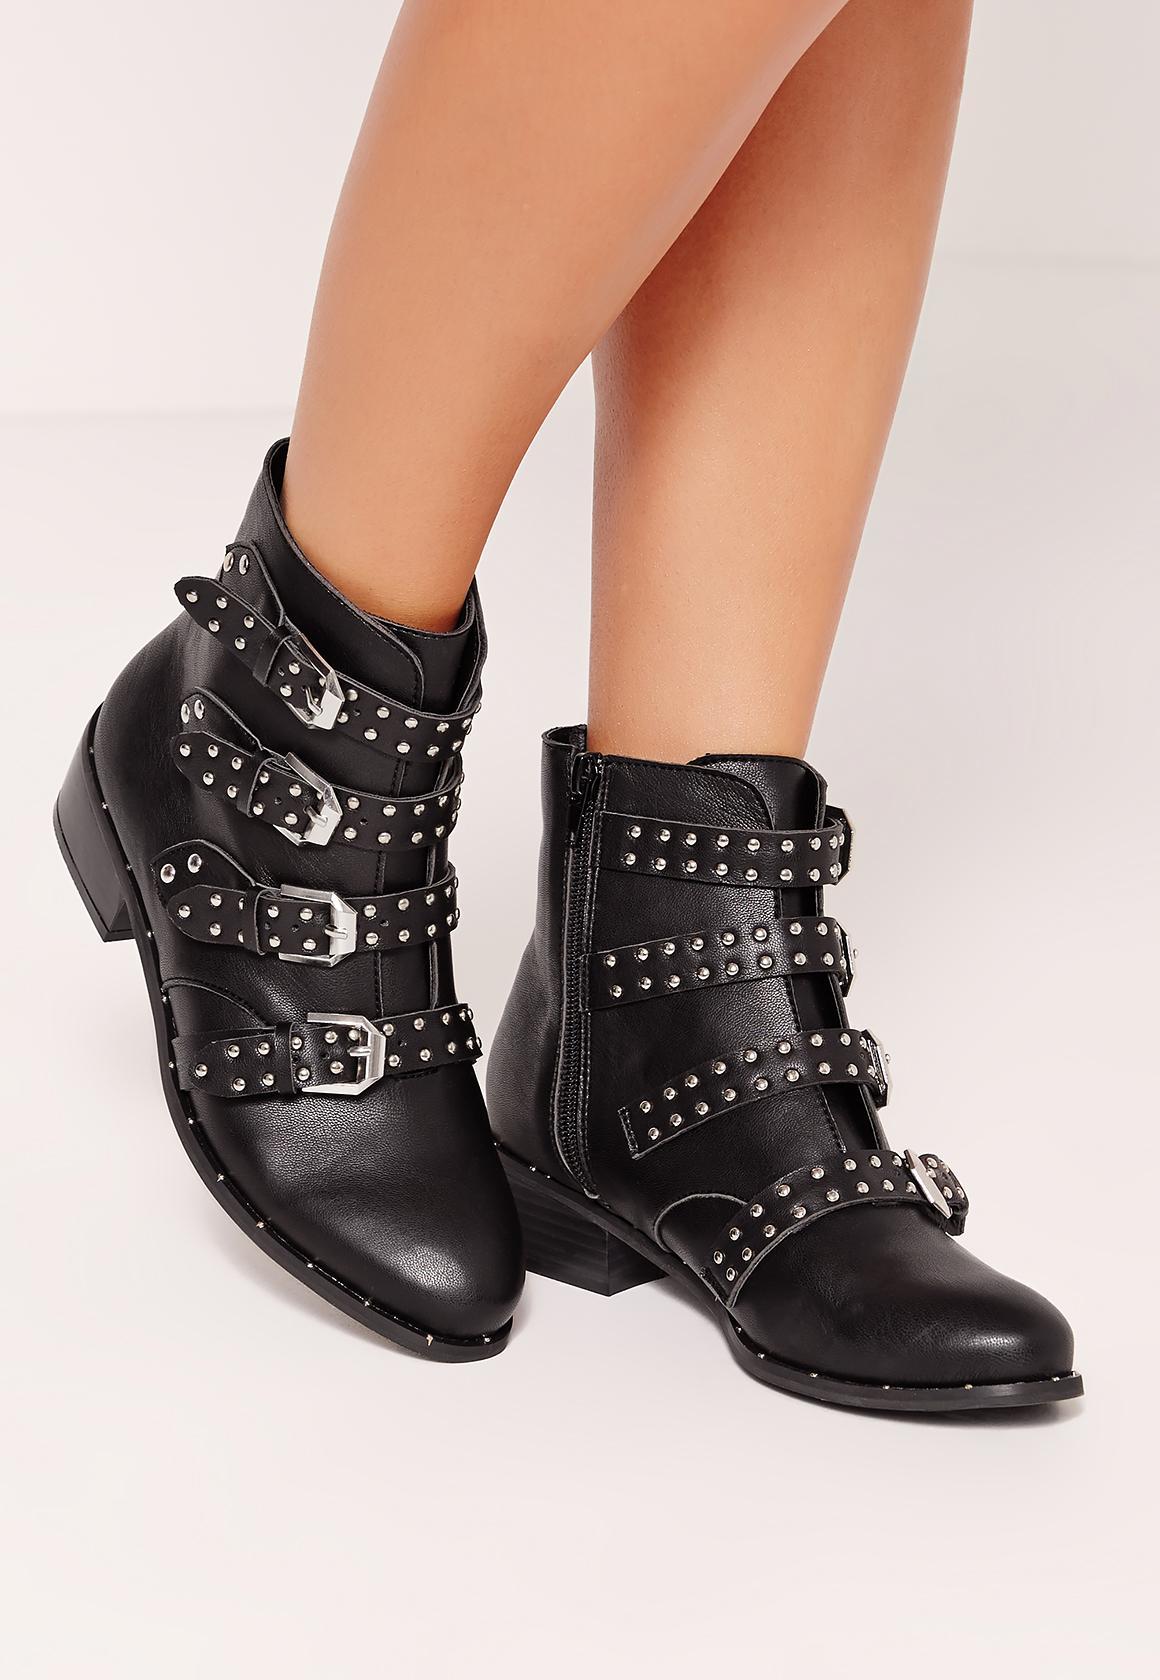 bottines noires avec boucles cloutées | missguided